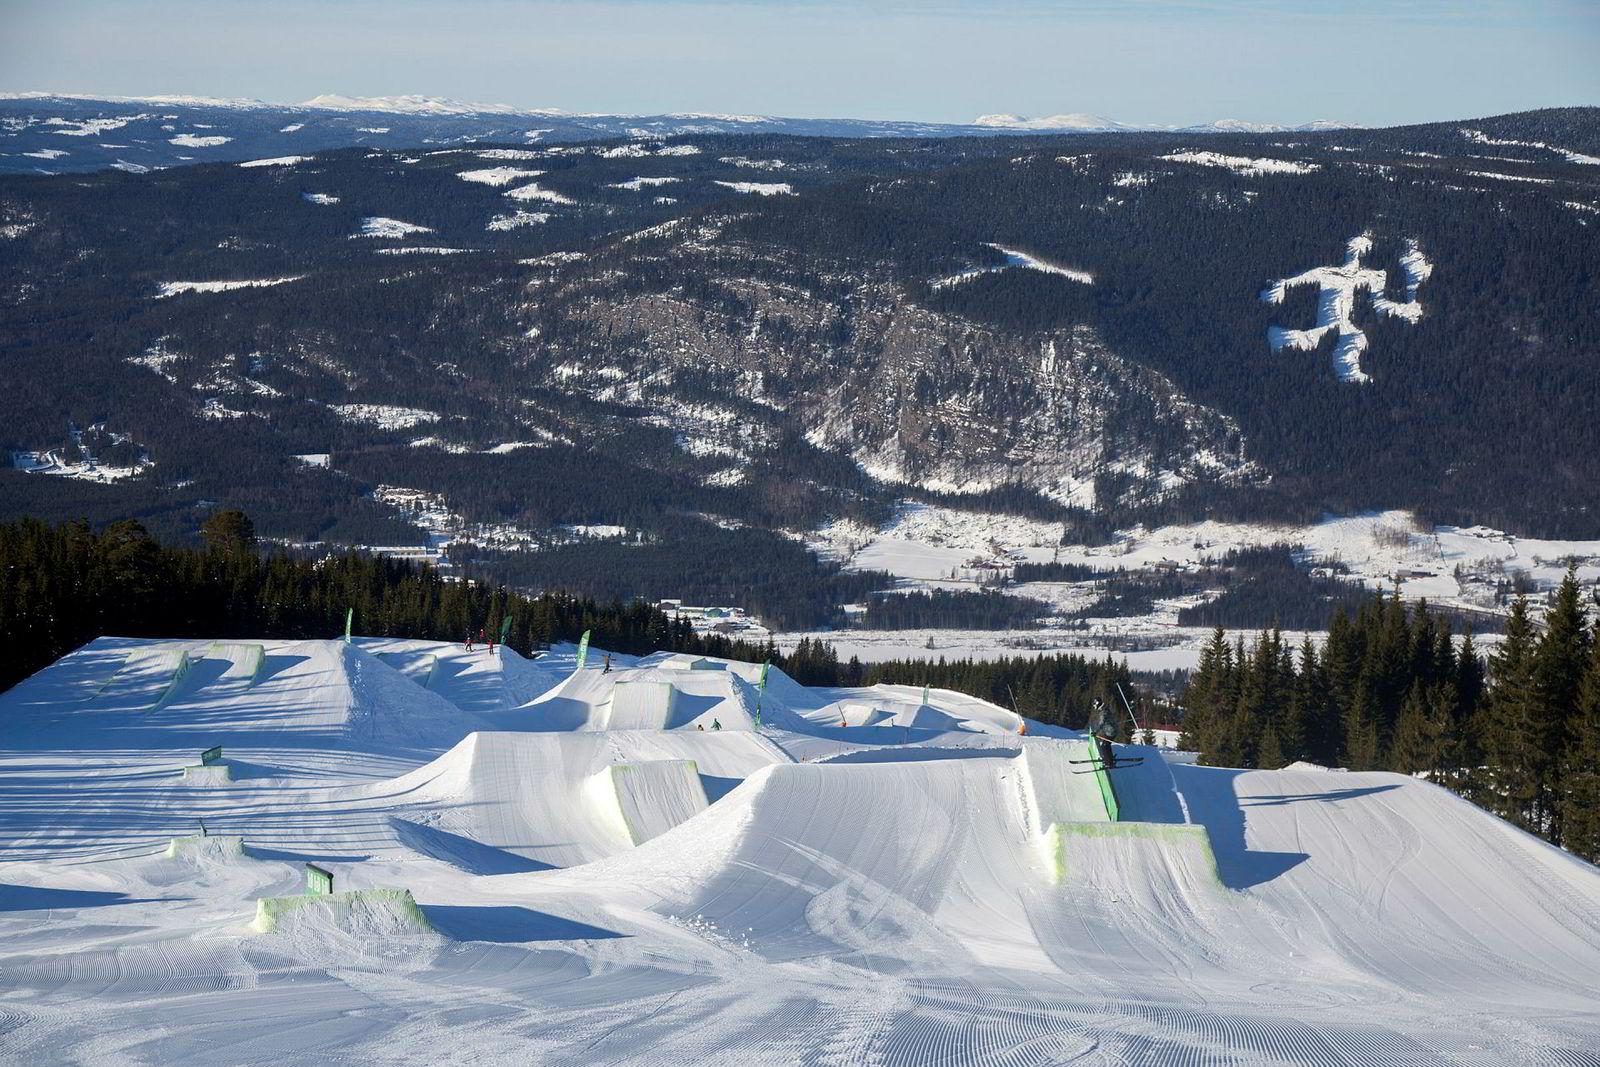 Med utsikt til fakkelmannen, setter juniorlandslagets Tora Johansen skiene på tvers og sklir over en rail i Hafjells mest krevende terrengpark.